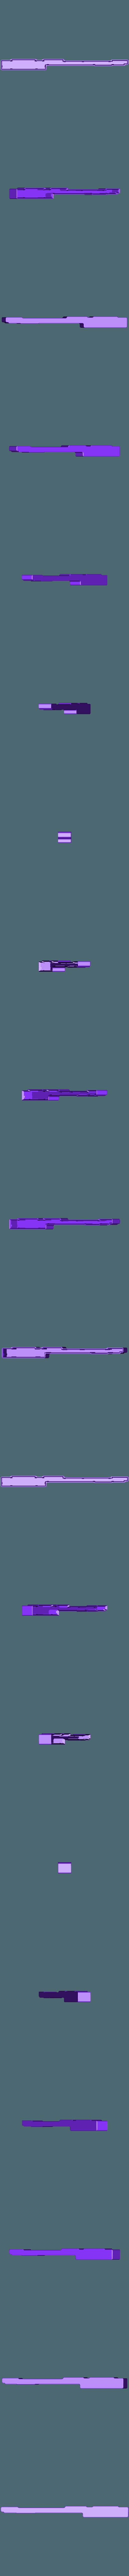 MakitaGuideRailCapRight.stl Télécharger fichier STL gratuit Couverture de protection contre les éclats de rail du guide Makita • Design pour imprimante 3D, ksuszka